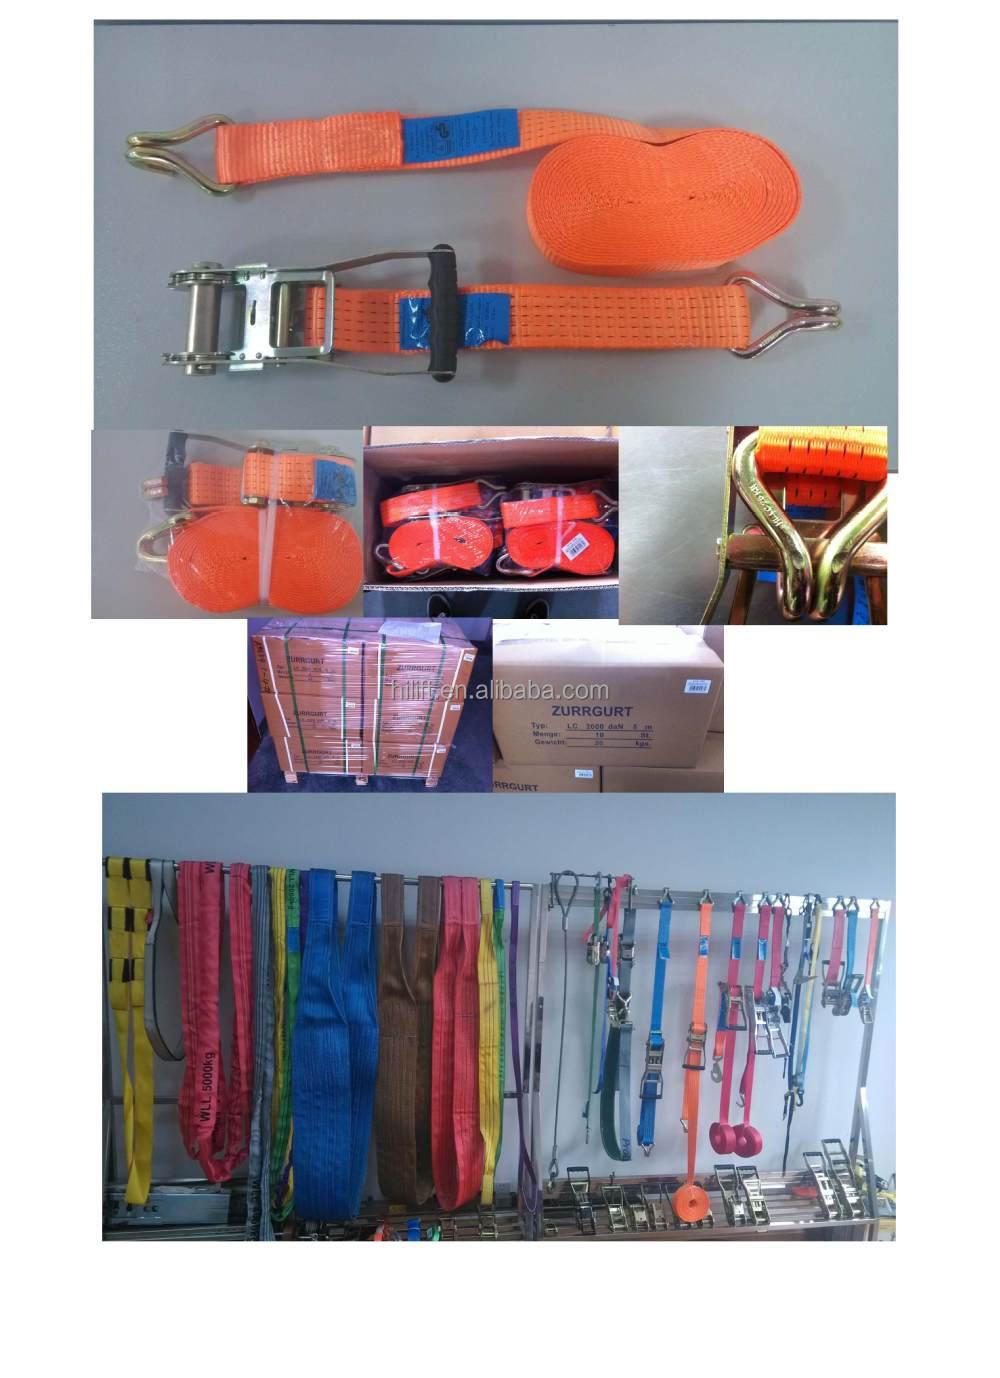 Hot Bán Hàng vận chuyển Hàng Hóa lshing/Ratchet Buckle Belt/Tie Xuống Dây Đai 25 mét-100 mét 0.5 t- 10 t